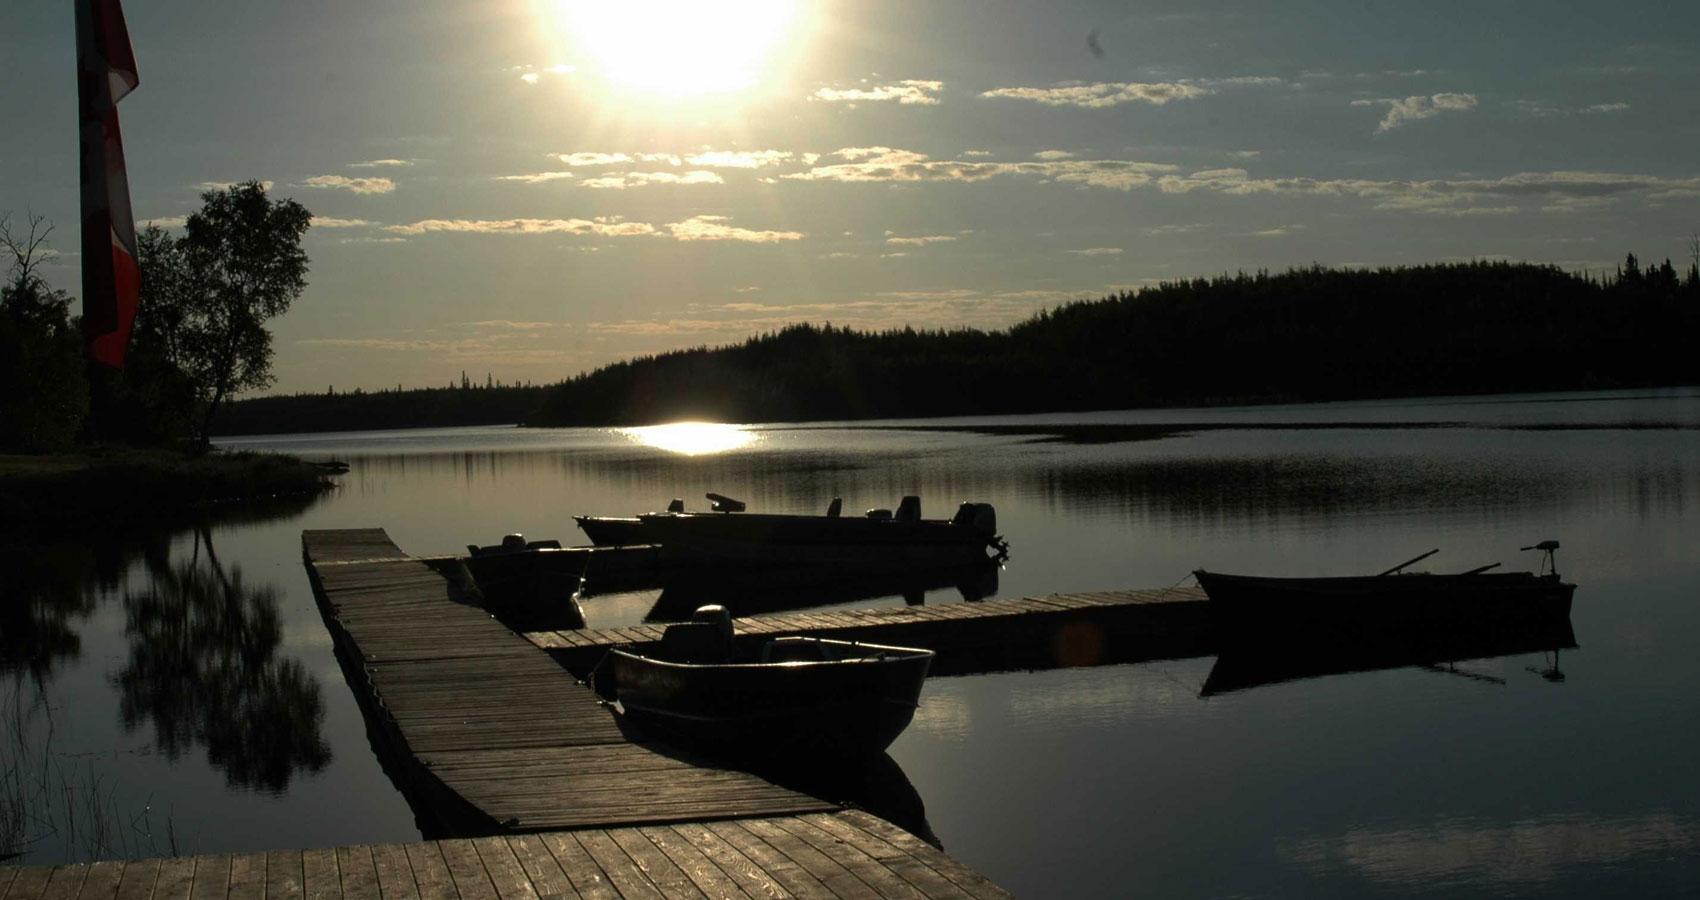 Sunrise at Whiskey Jack Lodge, a poem at Spillwords.com